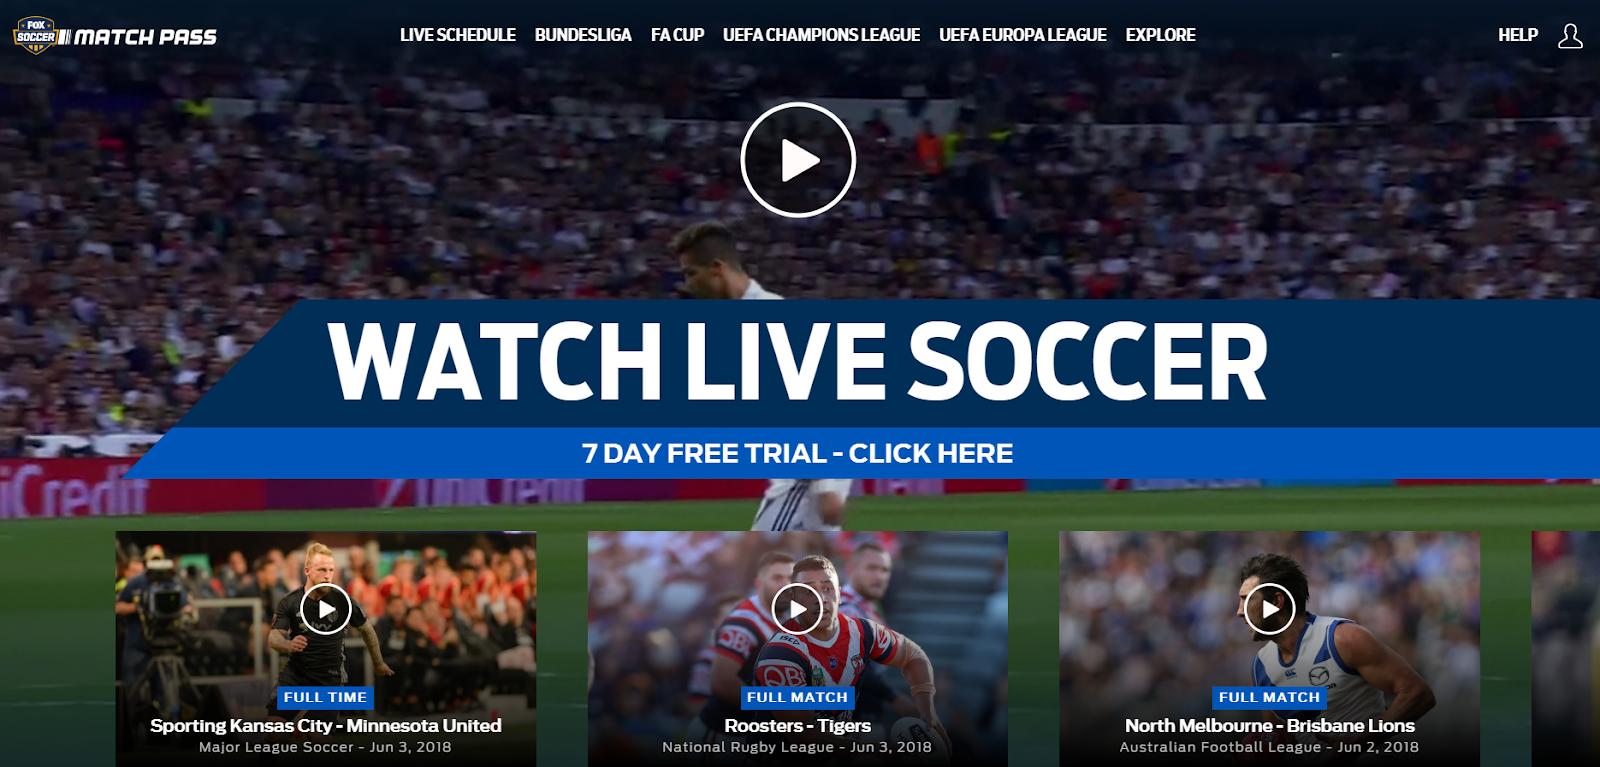 football/soccer fox soccer match pass